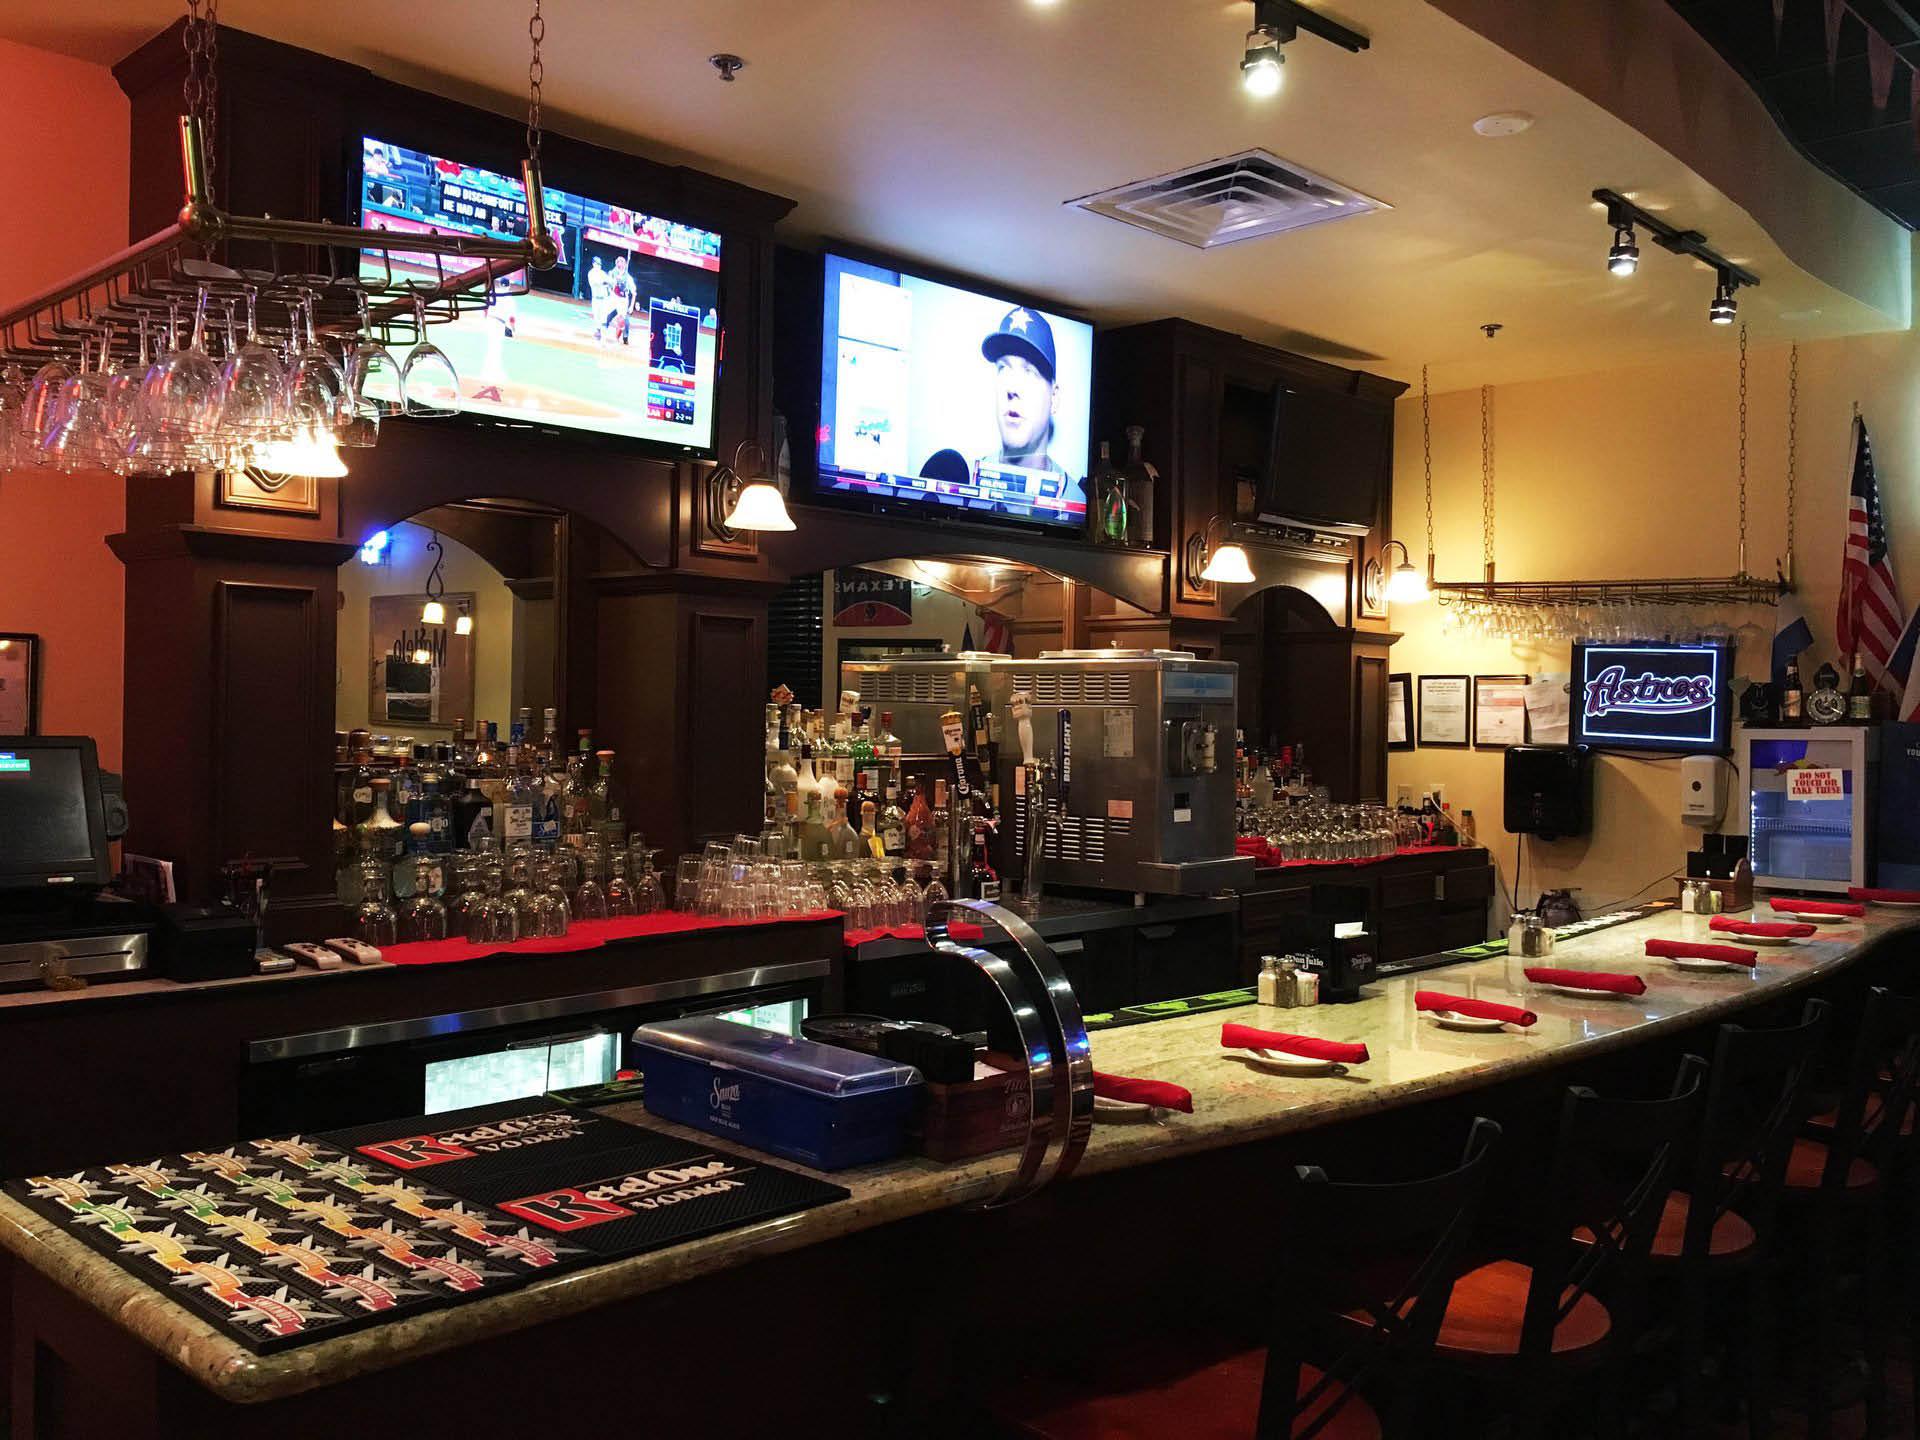 El Rancho bar interior with big screens playing sports